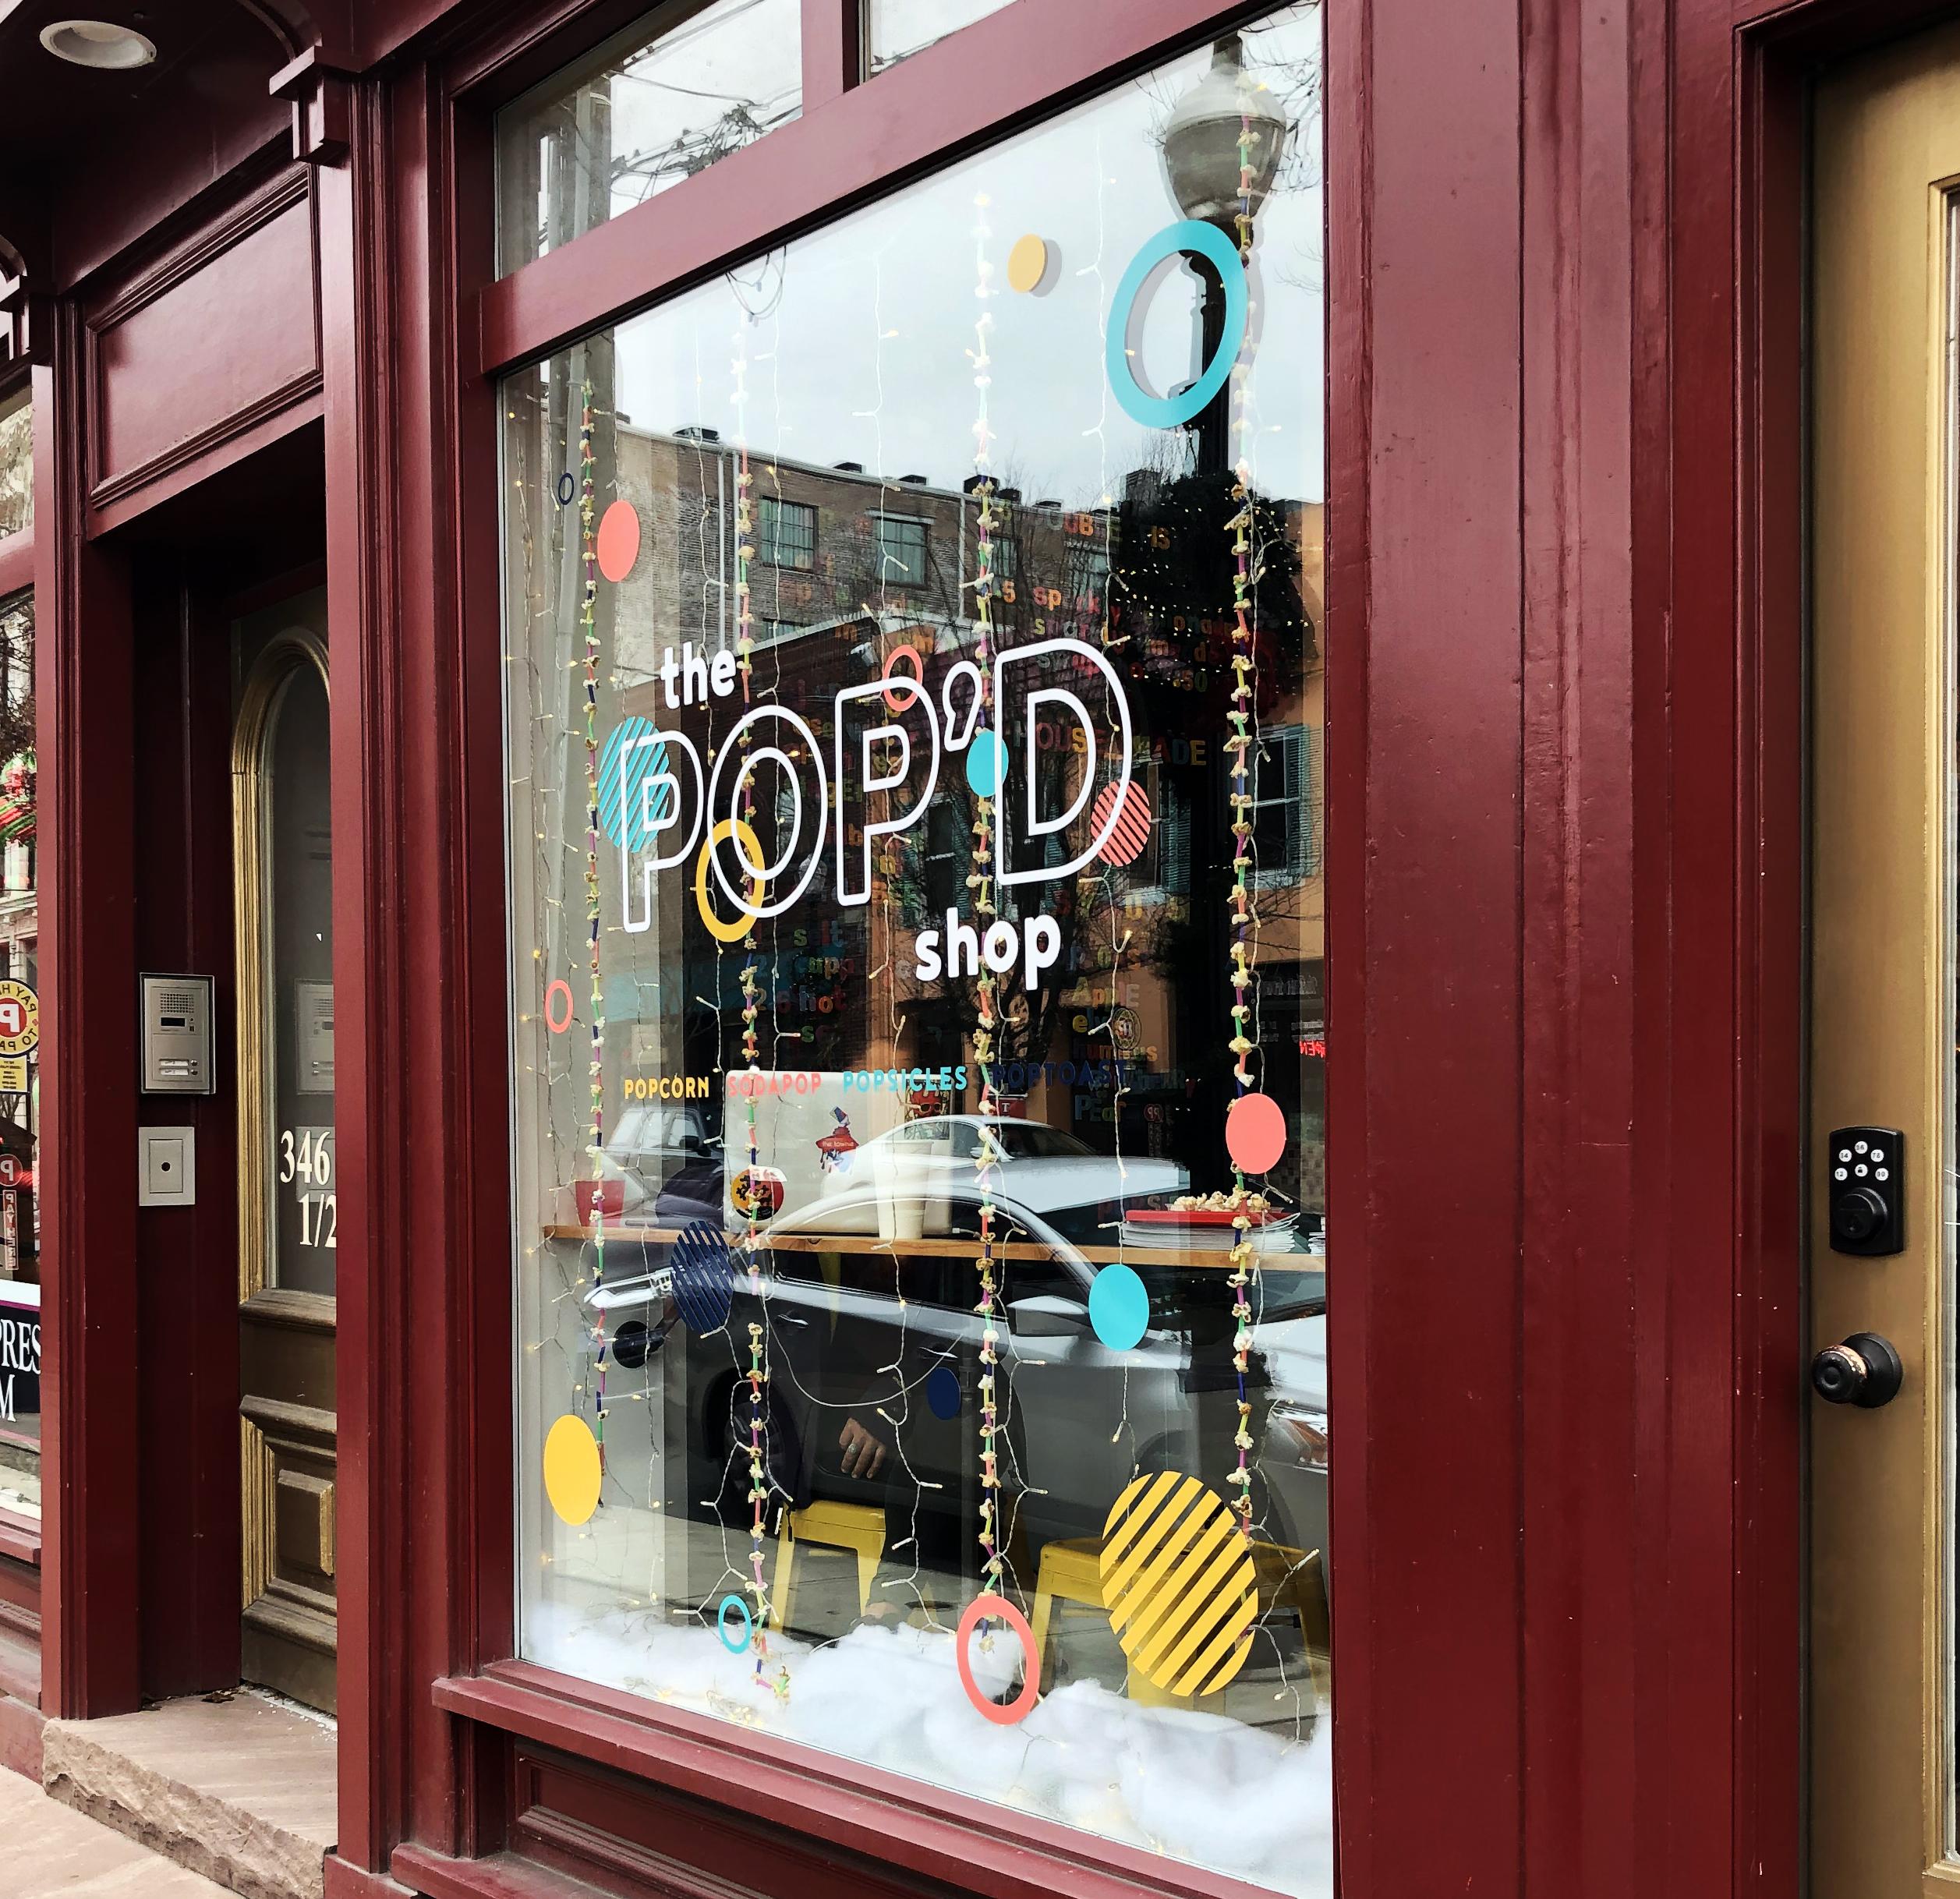 The Pop'D Shop